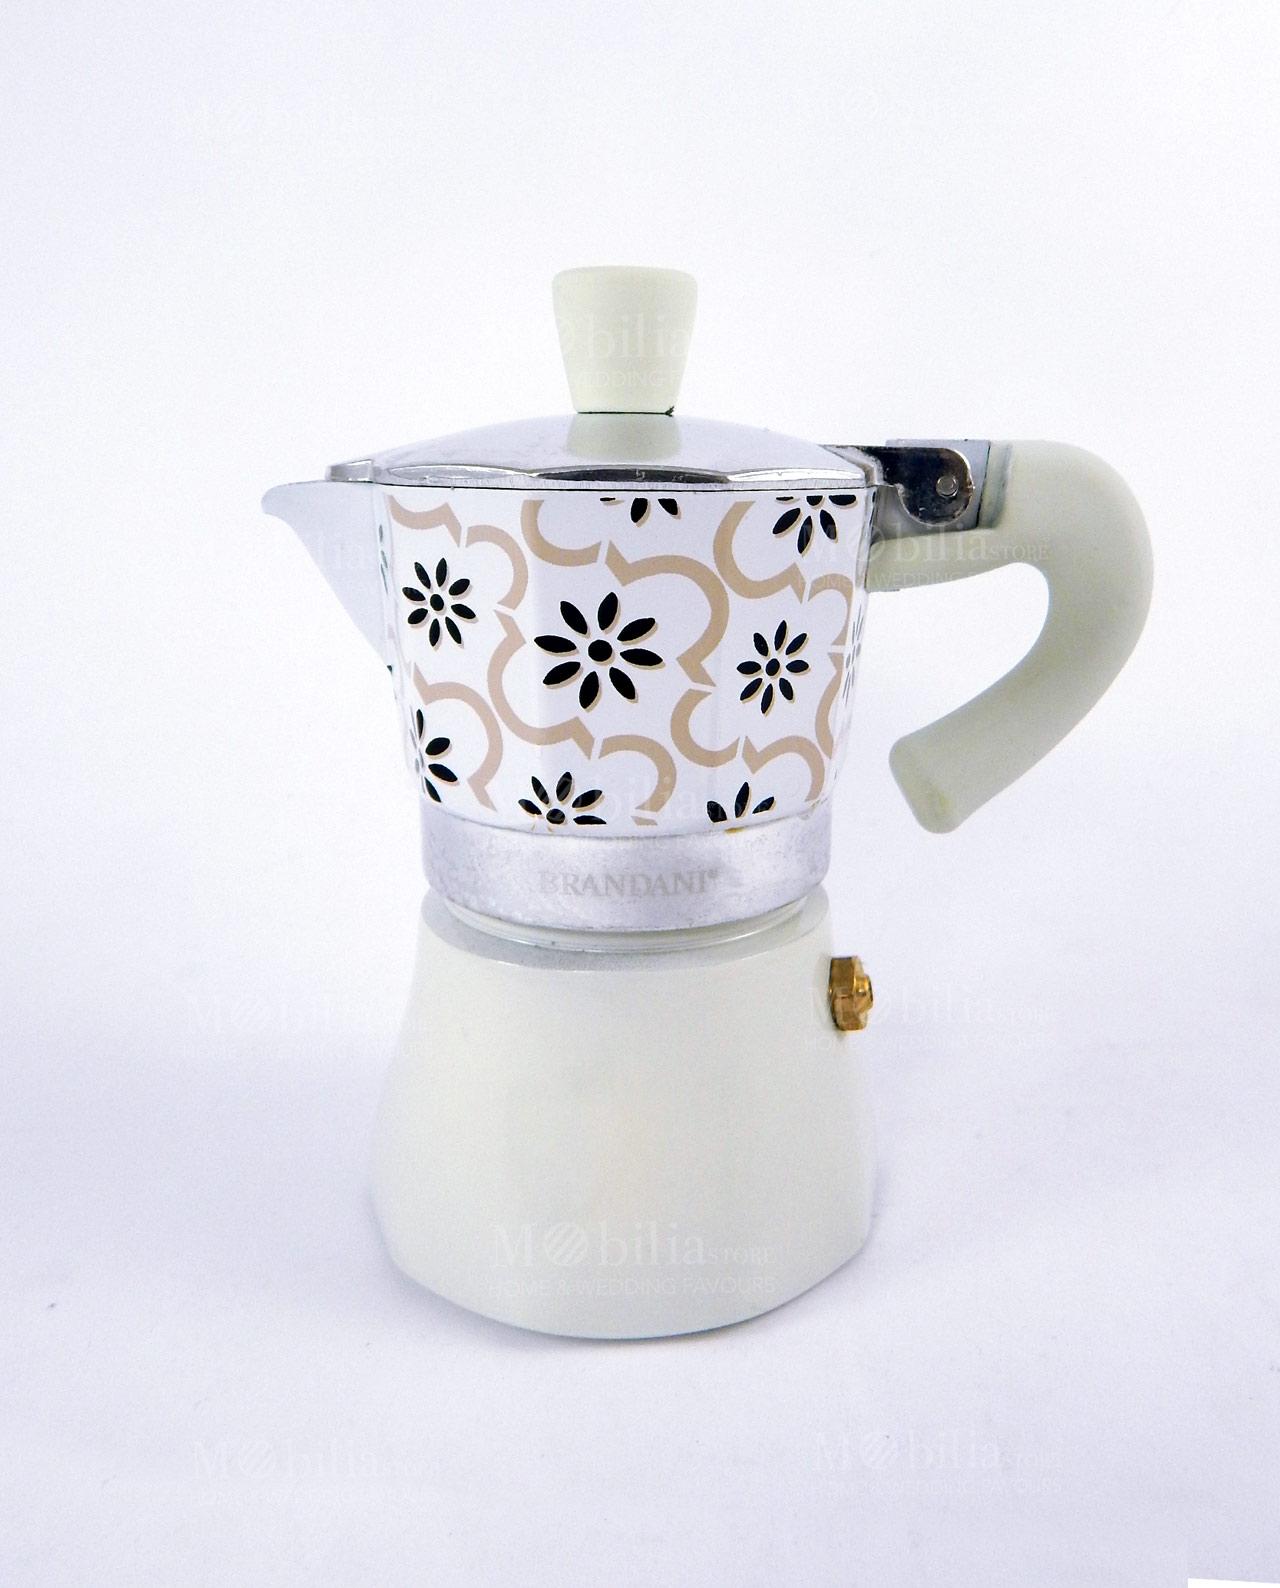 Bomboniere Matrimonio Caffettiera.Bomboniera Caffettiera Collezione Alhambra Varie Misure Brandani